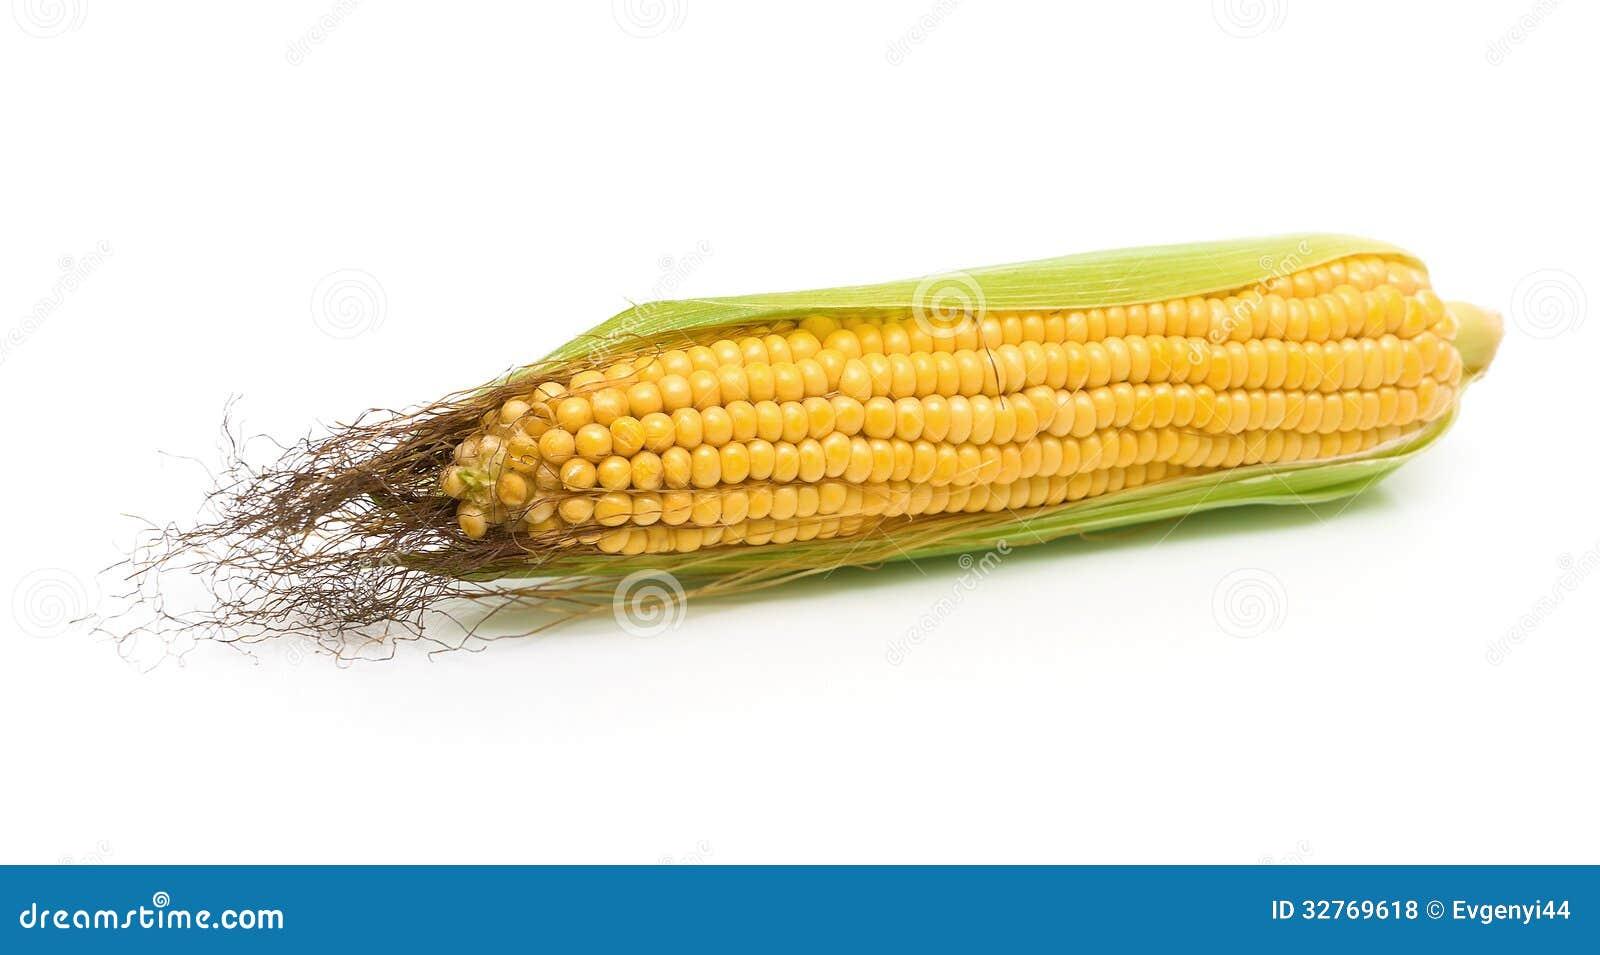 玉米穗在一个白色背景特写镜头的.水平的照片.图片